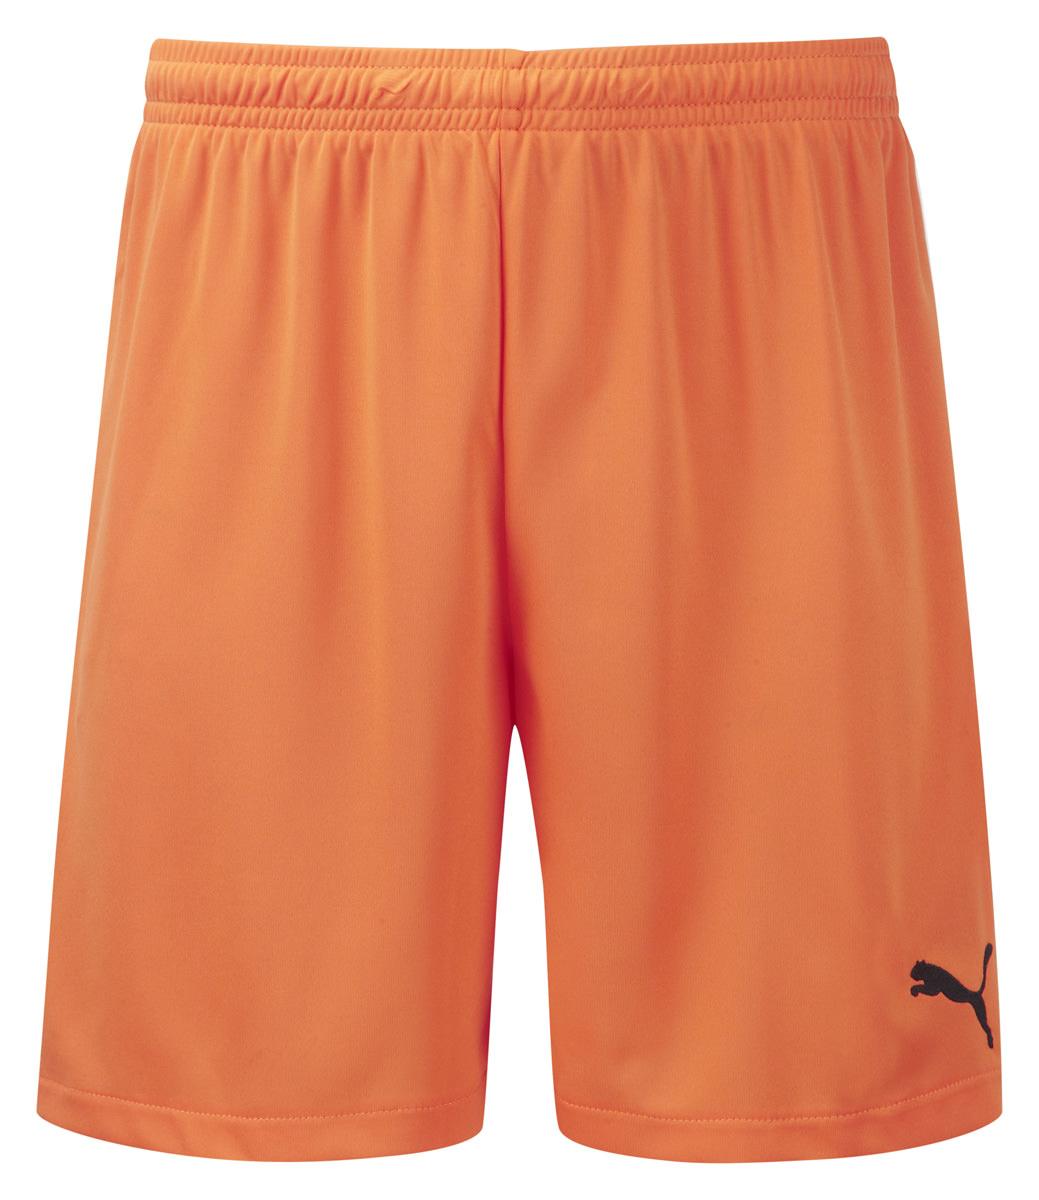 Puma SMU Velize Shorts - Orange